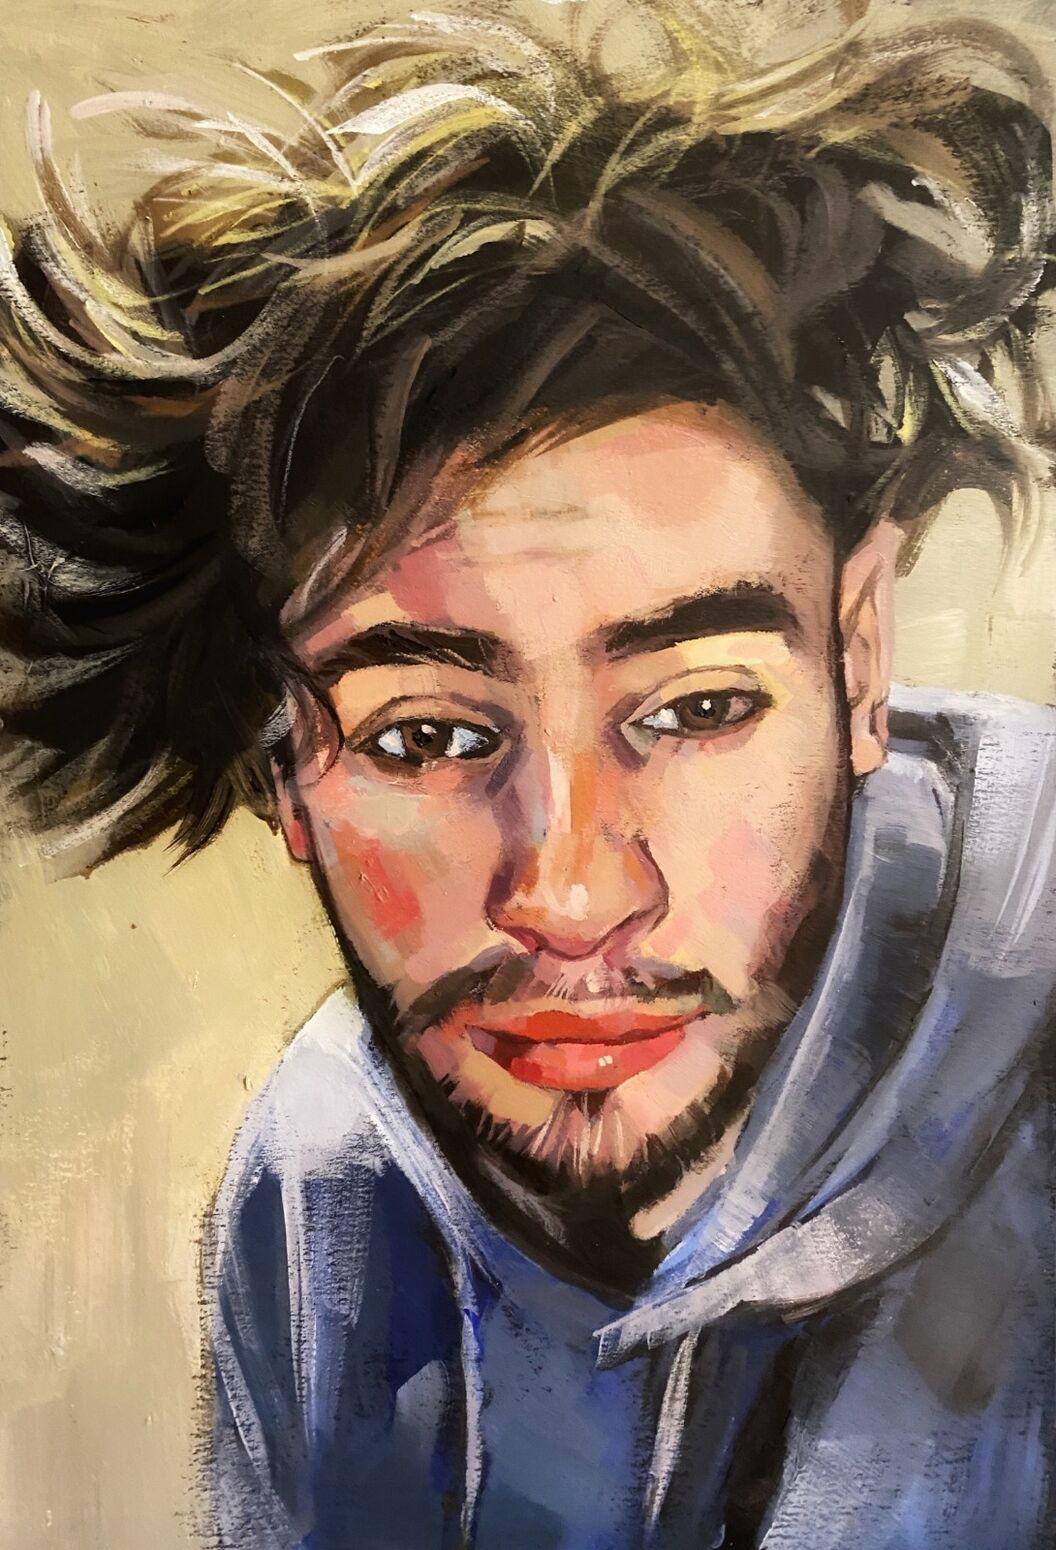 LOCKDOWN HAIR DAVID